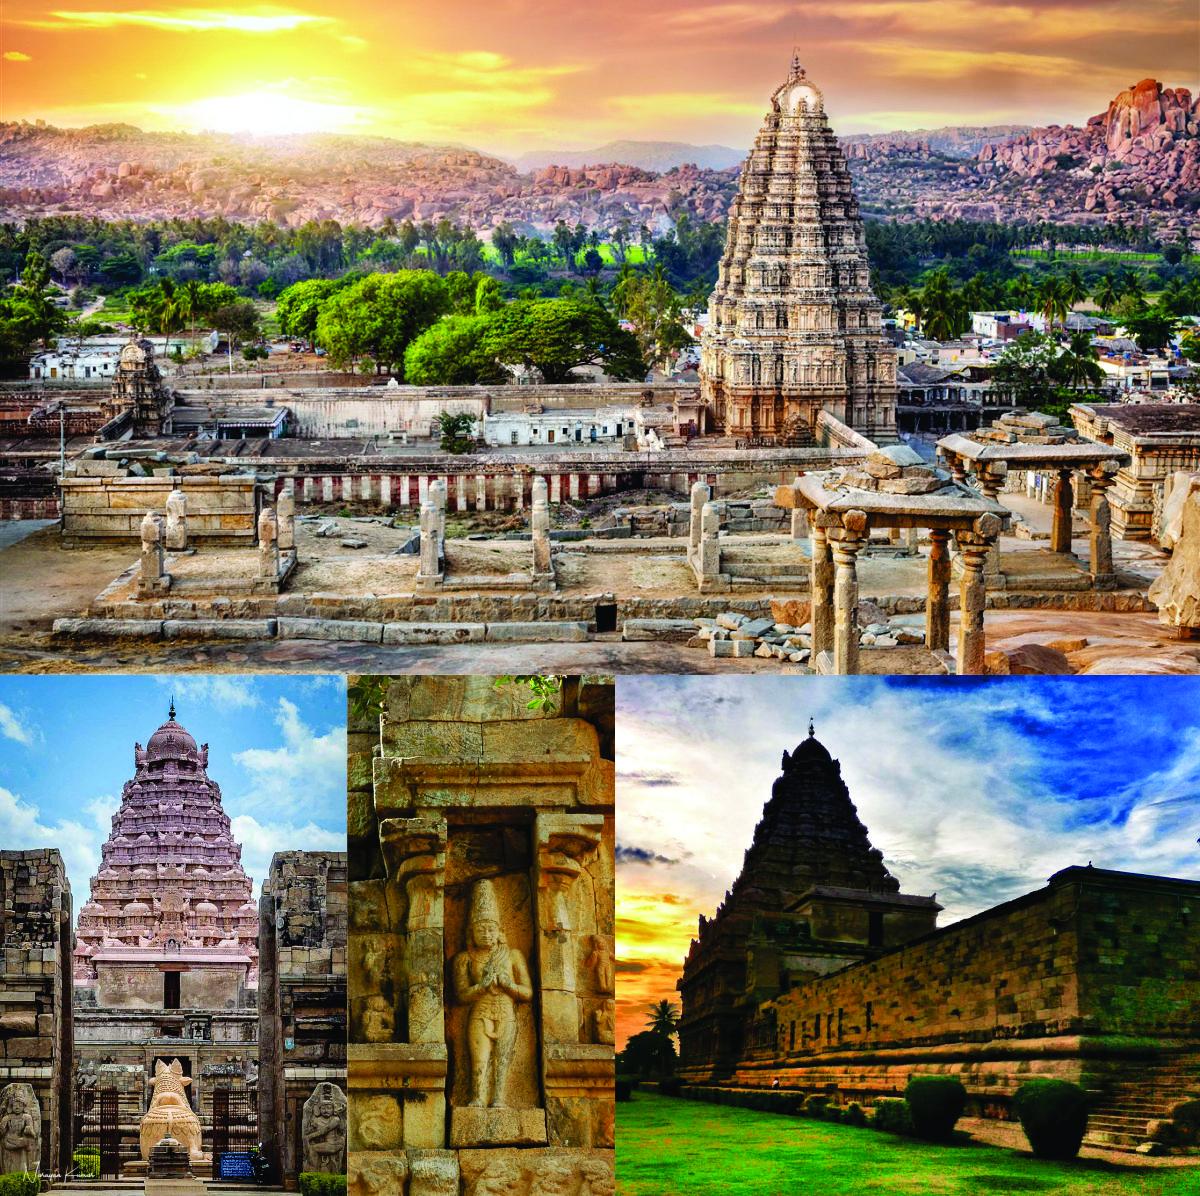 grandes-templos-da-india-mahabalipuram-gangaikonda-cholapuram-taj-mahal-qutub-minar-akshardham-lal-qilah-viagem-nosso-blog-2.jpg